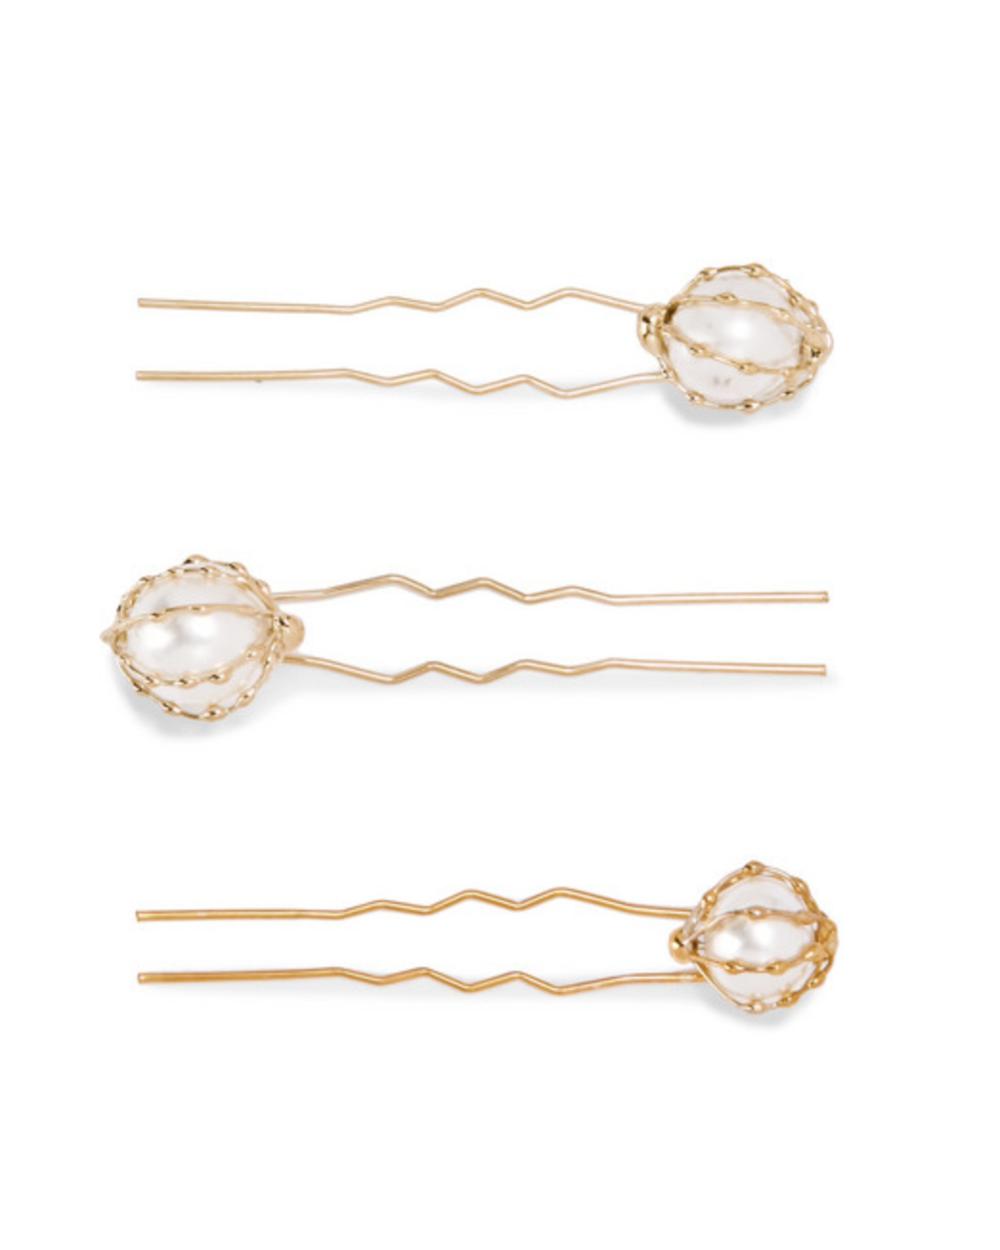 Rosantica Pearl Hair Pins - 95€